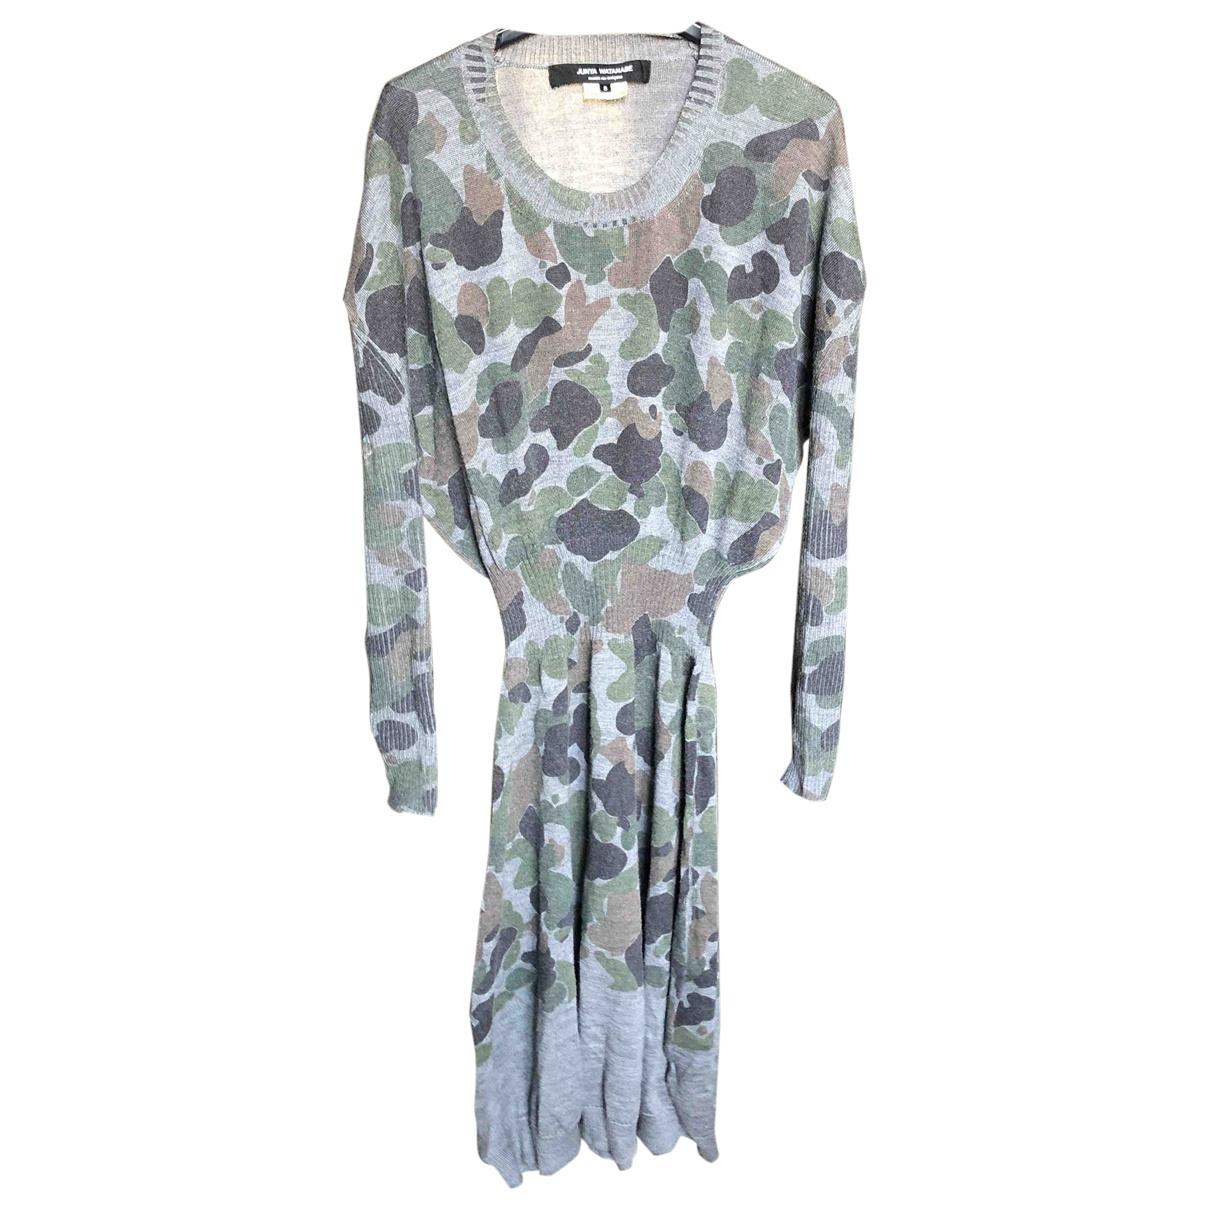 Junya Watanabe \N Kleid in  Grau Wolle